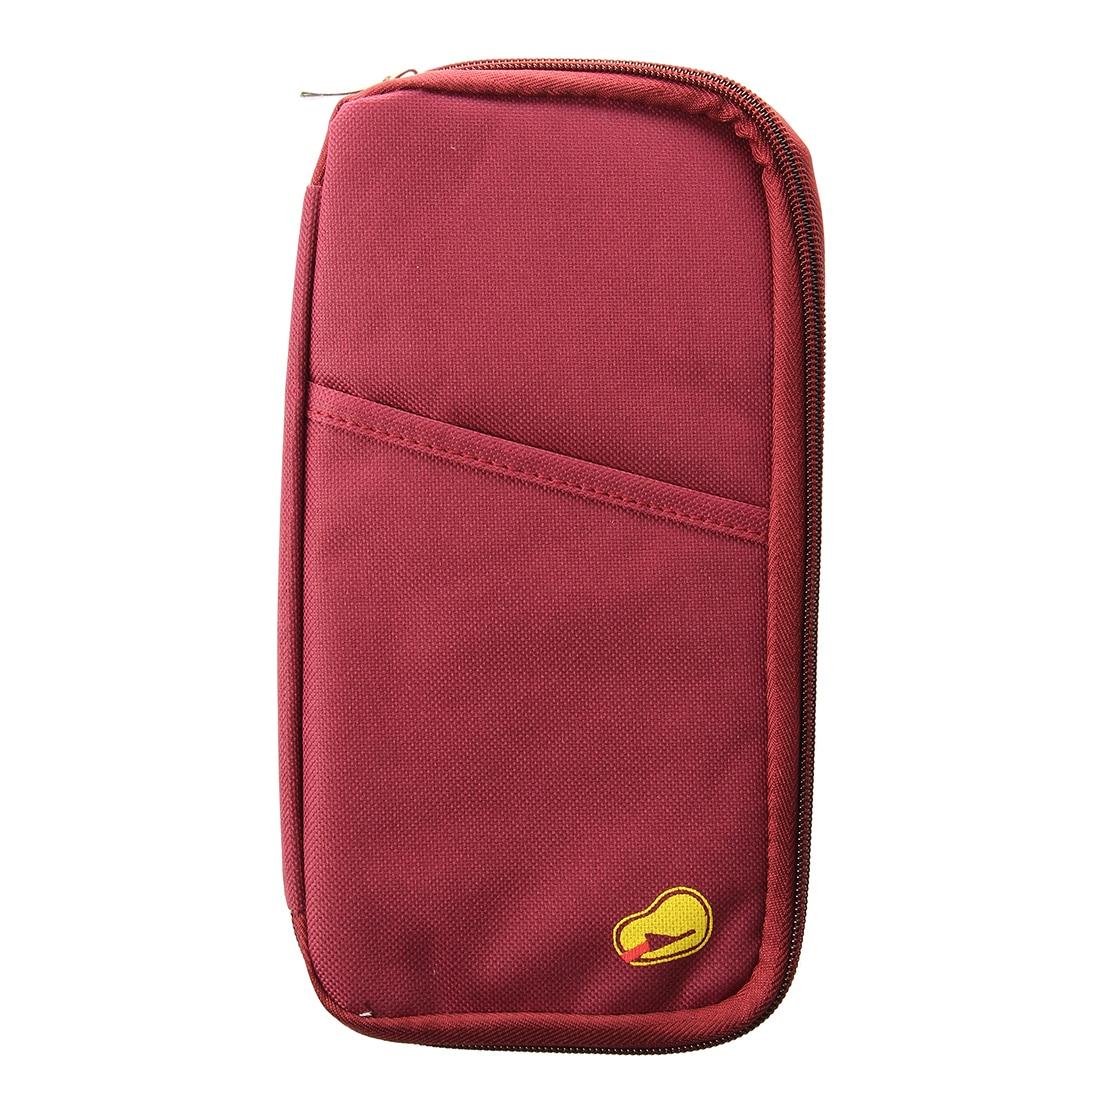 Red Travel Wallet With Closure Zip Document Organiser Passport Ticket Holder